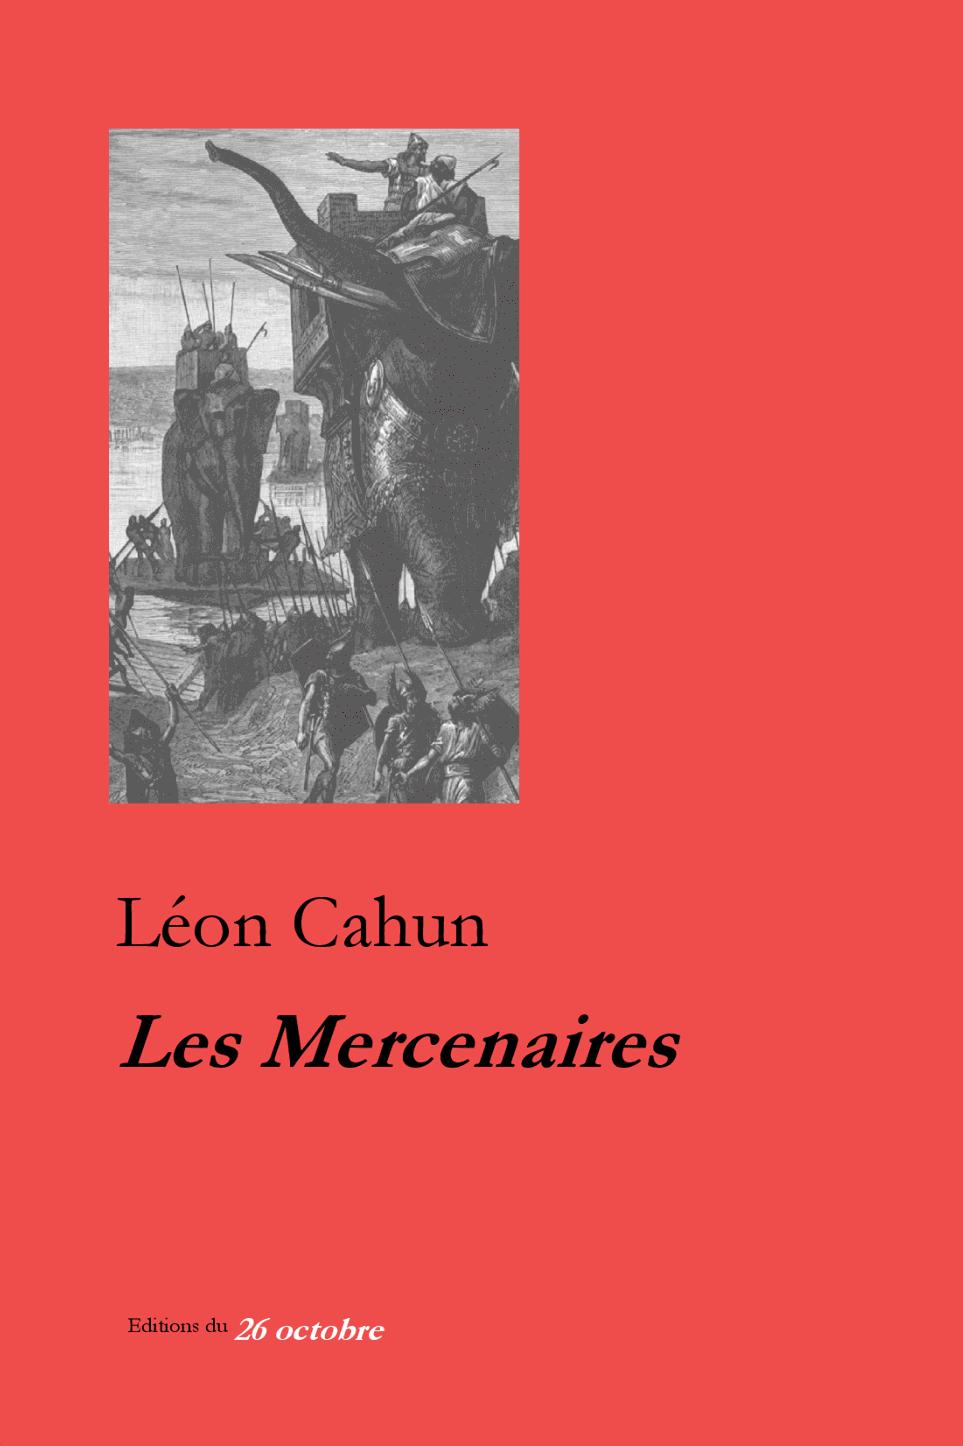 Les Mercenaires de Léon Cahun.